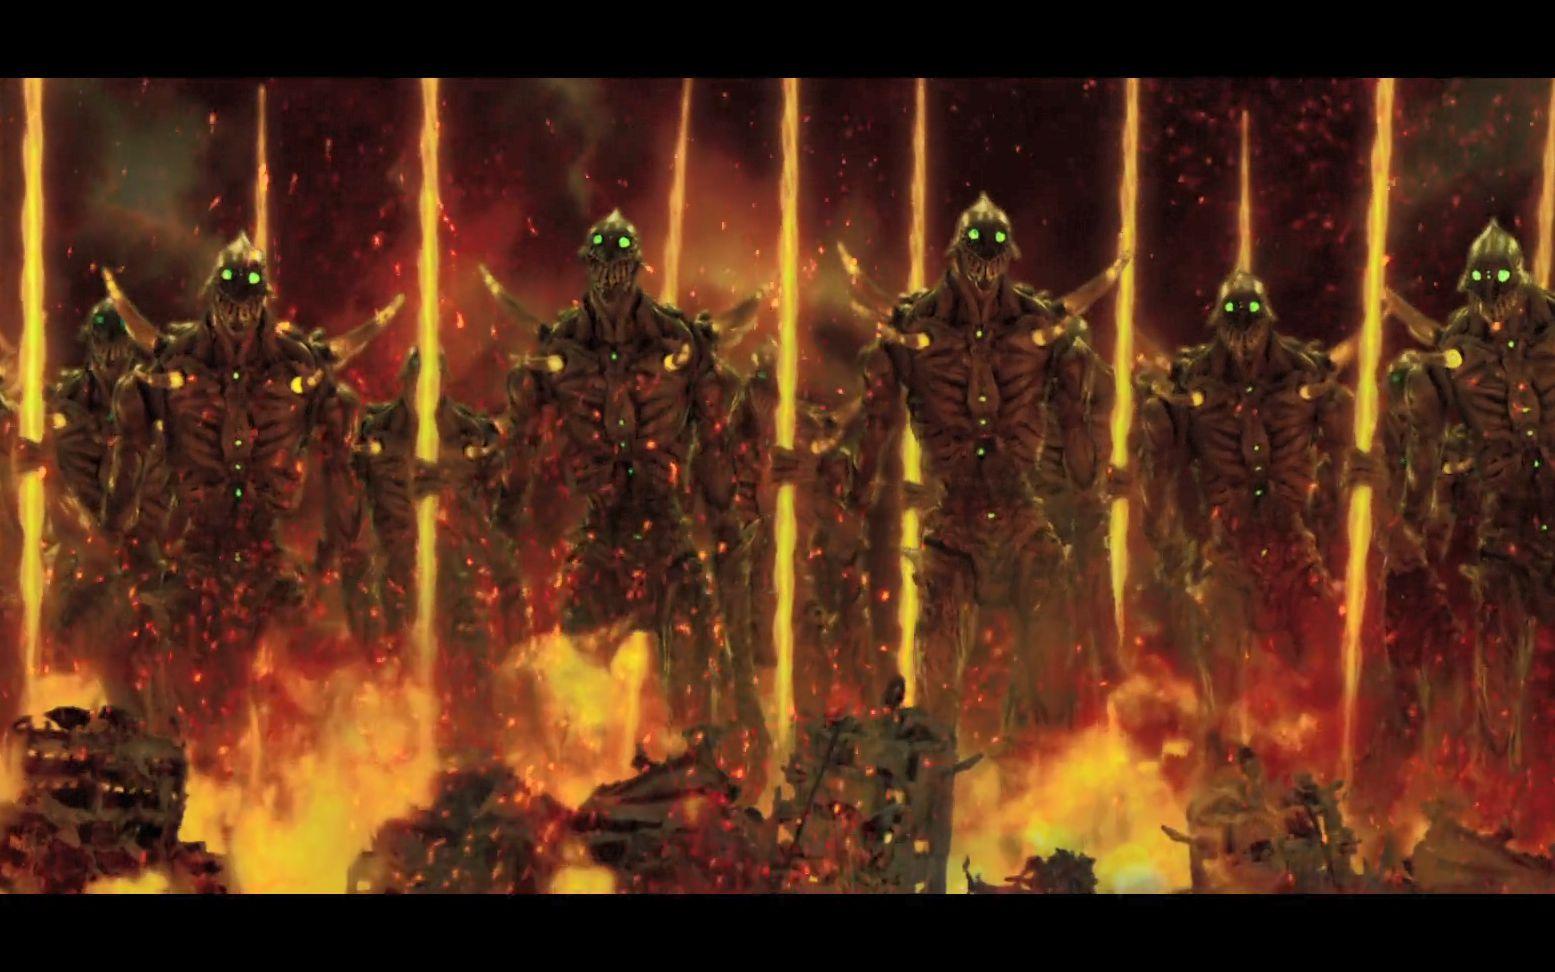 特效震撼!宫崎骏科幻短片《巨神兵在东京出现》